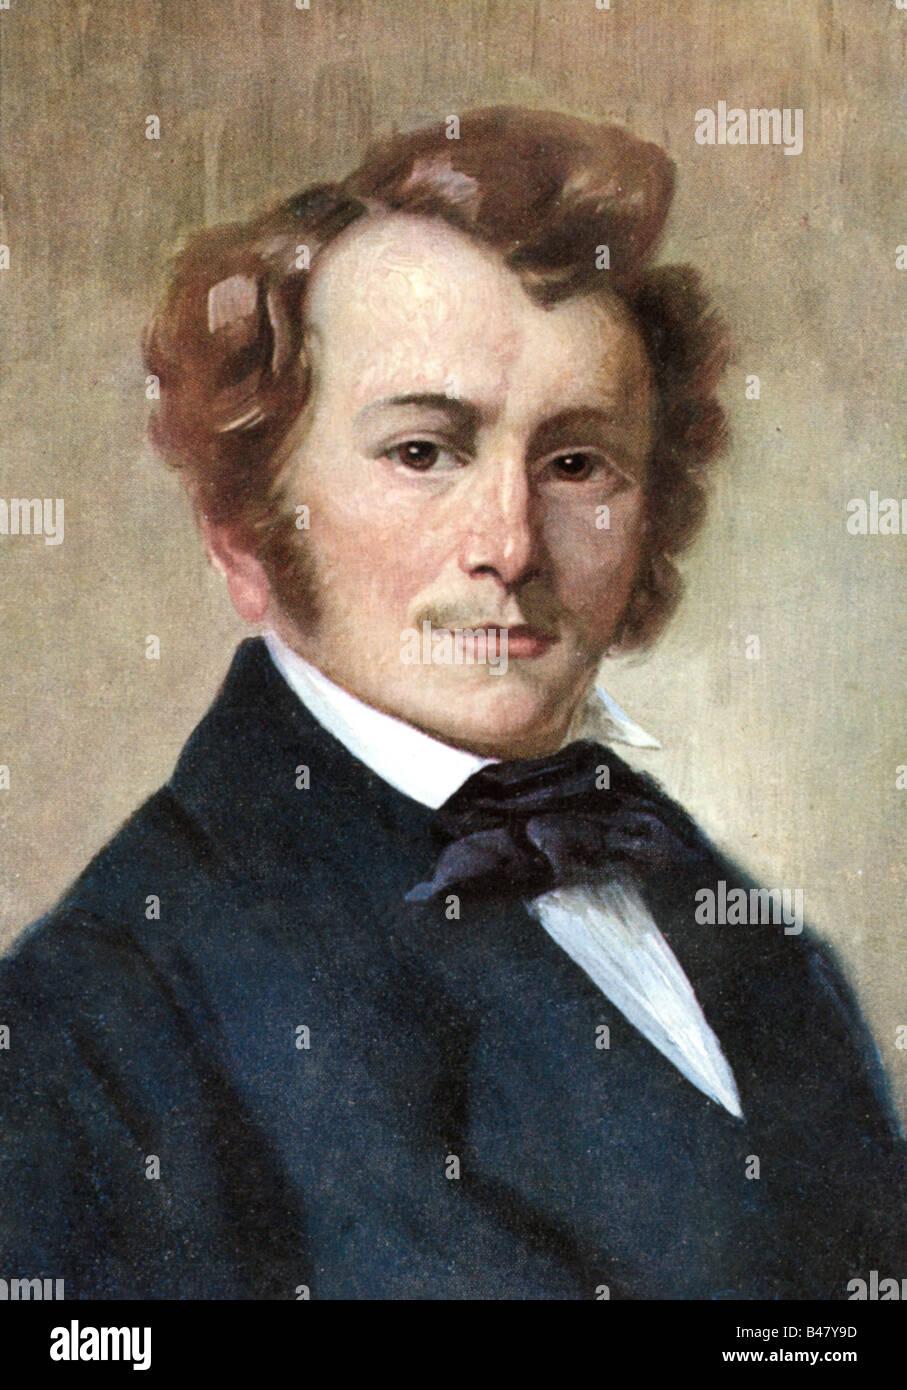 Lortzing, Albert, 23.10.1801 - 21.01.1851, el compositor alemán, retrato, pintura por Robert Einhorn, circa 1910, Foto de stock